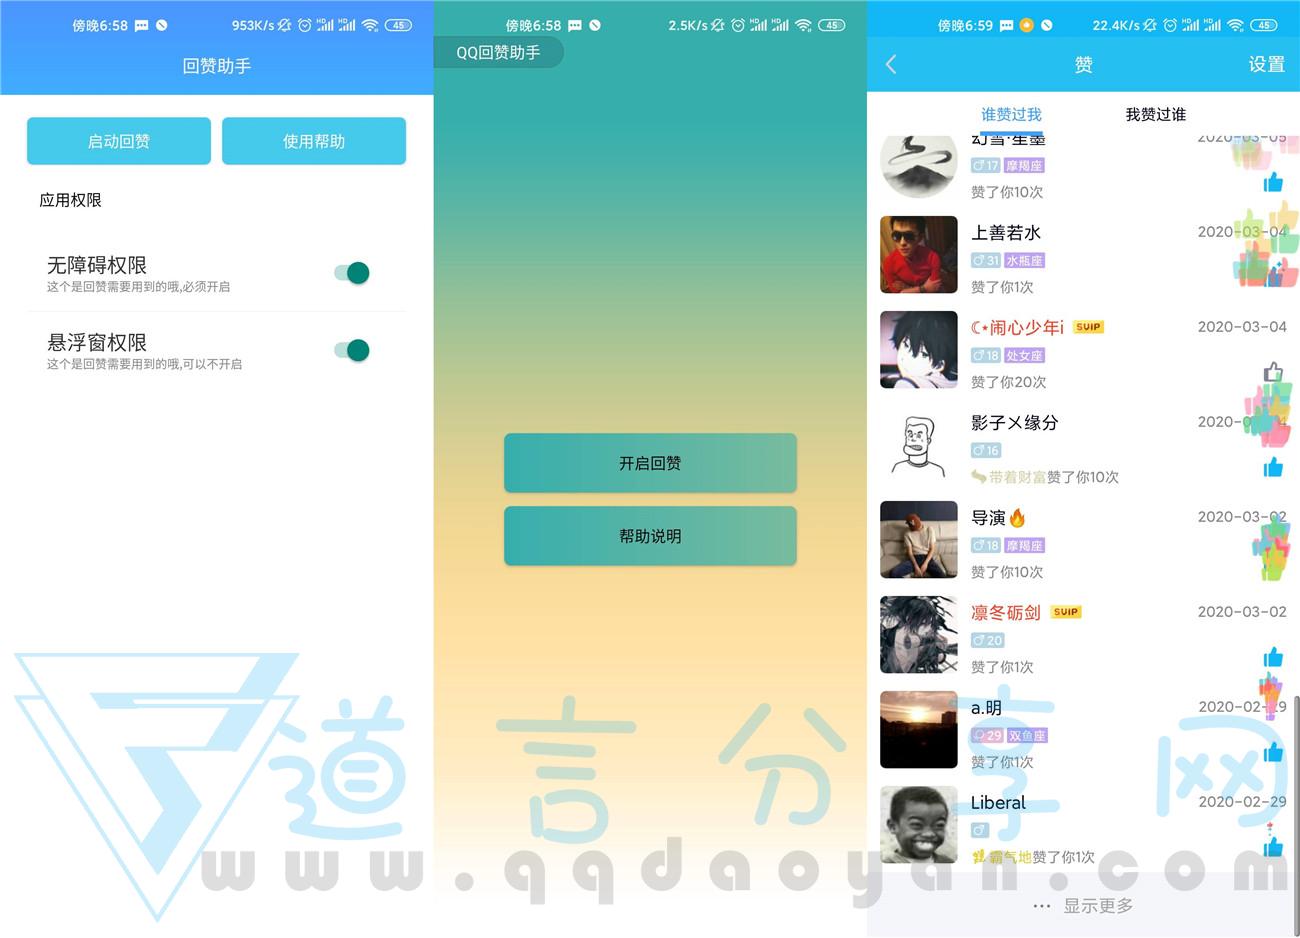 安卓QQ回赞互赞助手解放您的双手